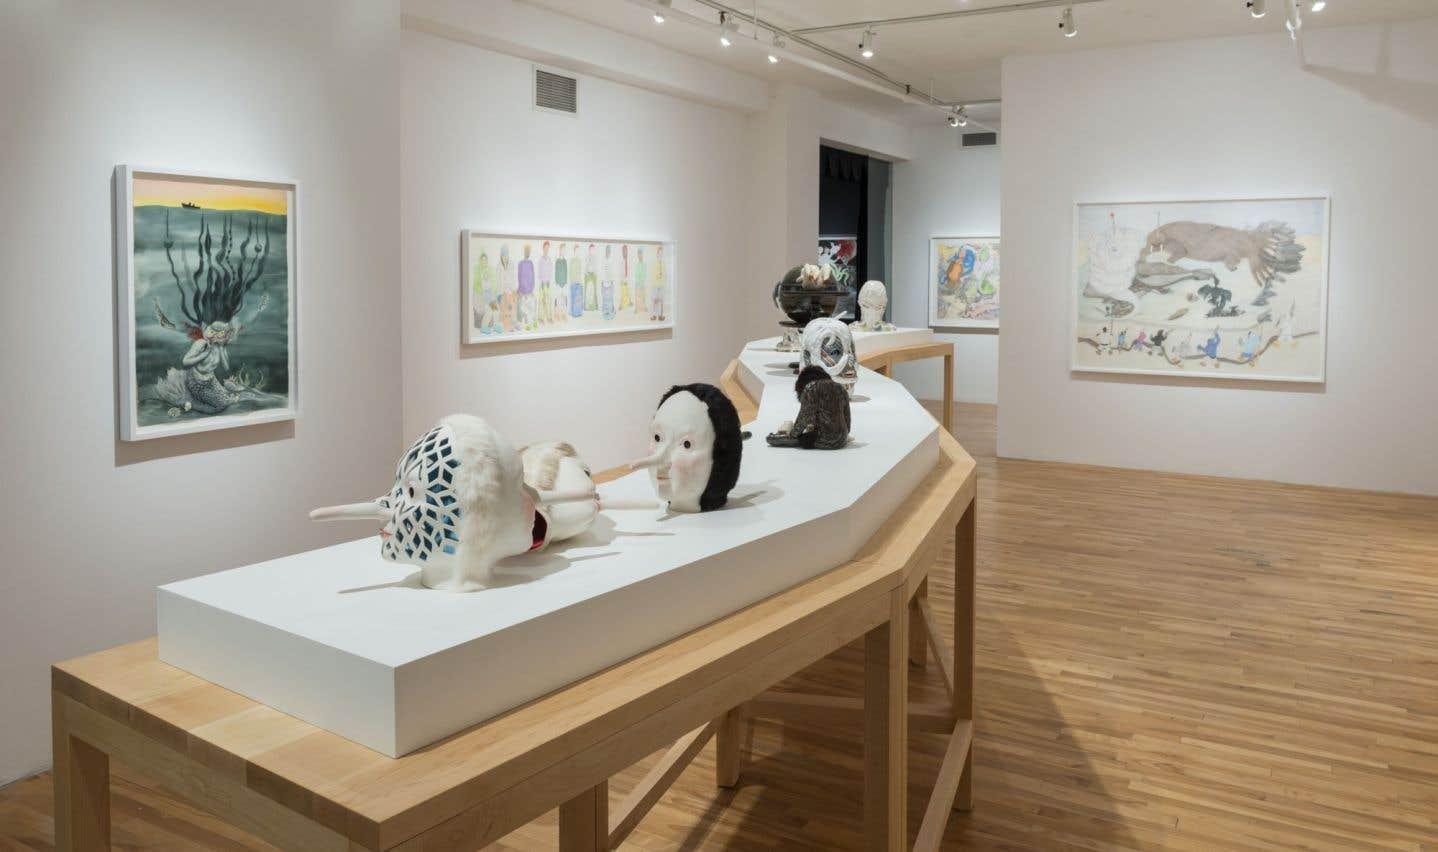 L'exposition qui réunit les oeuvres de Shuvinai Ashoona et de la Torontoise Shary Boyle, fait partie de ces initiatives contribuant à redéfinir les relations Nord-Sud.